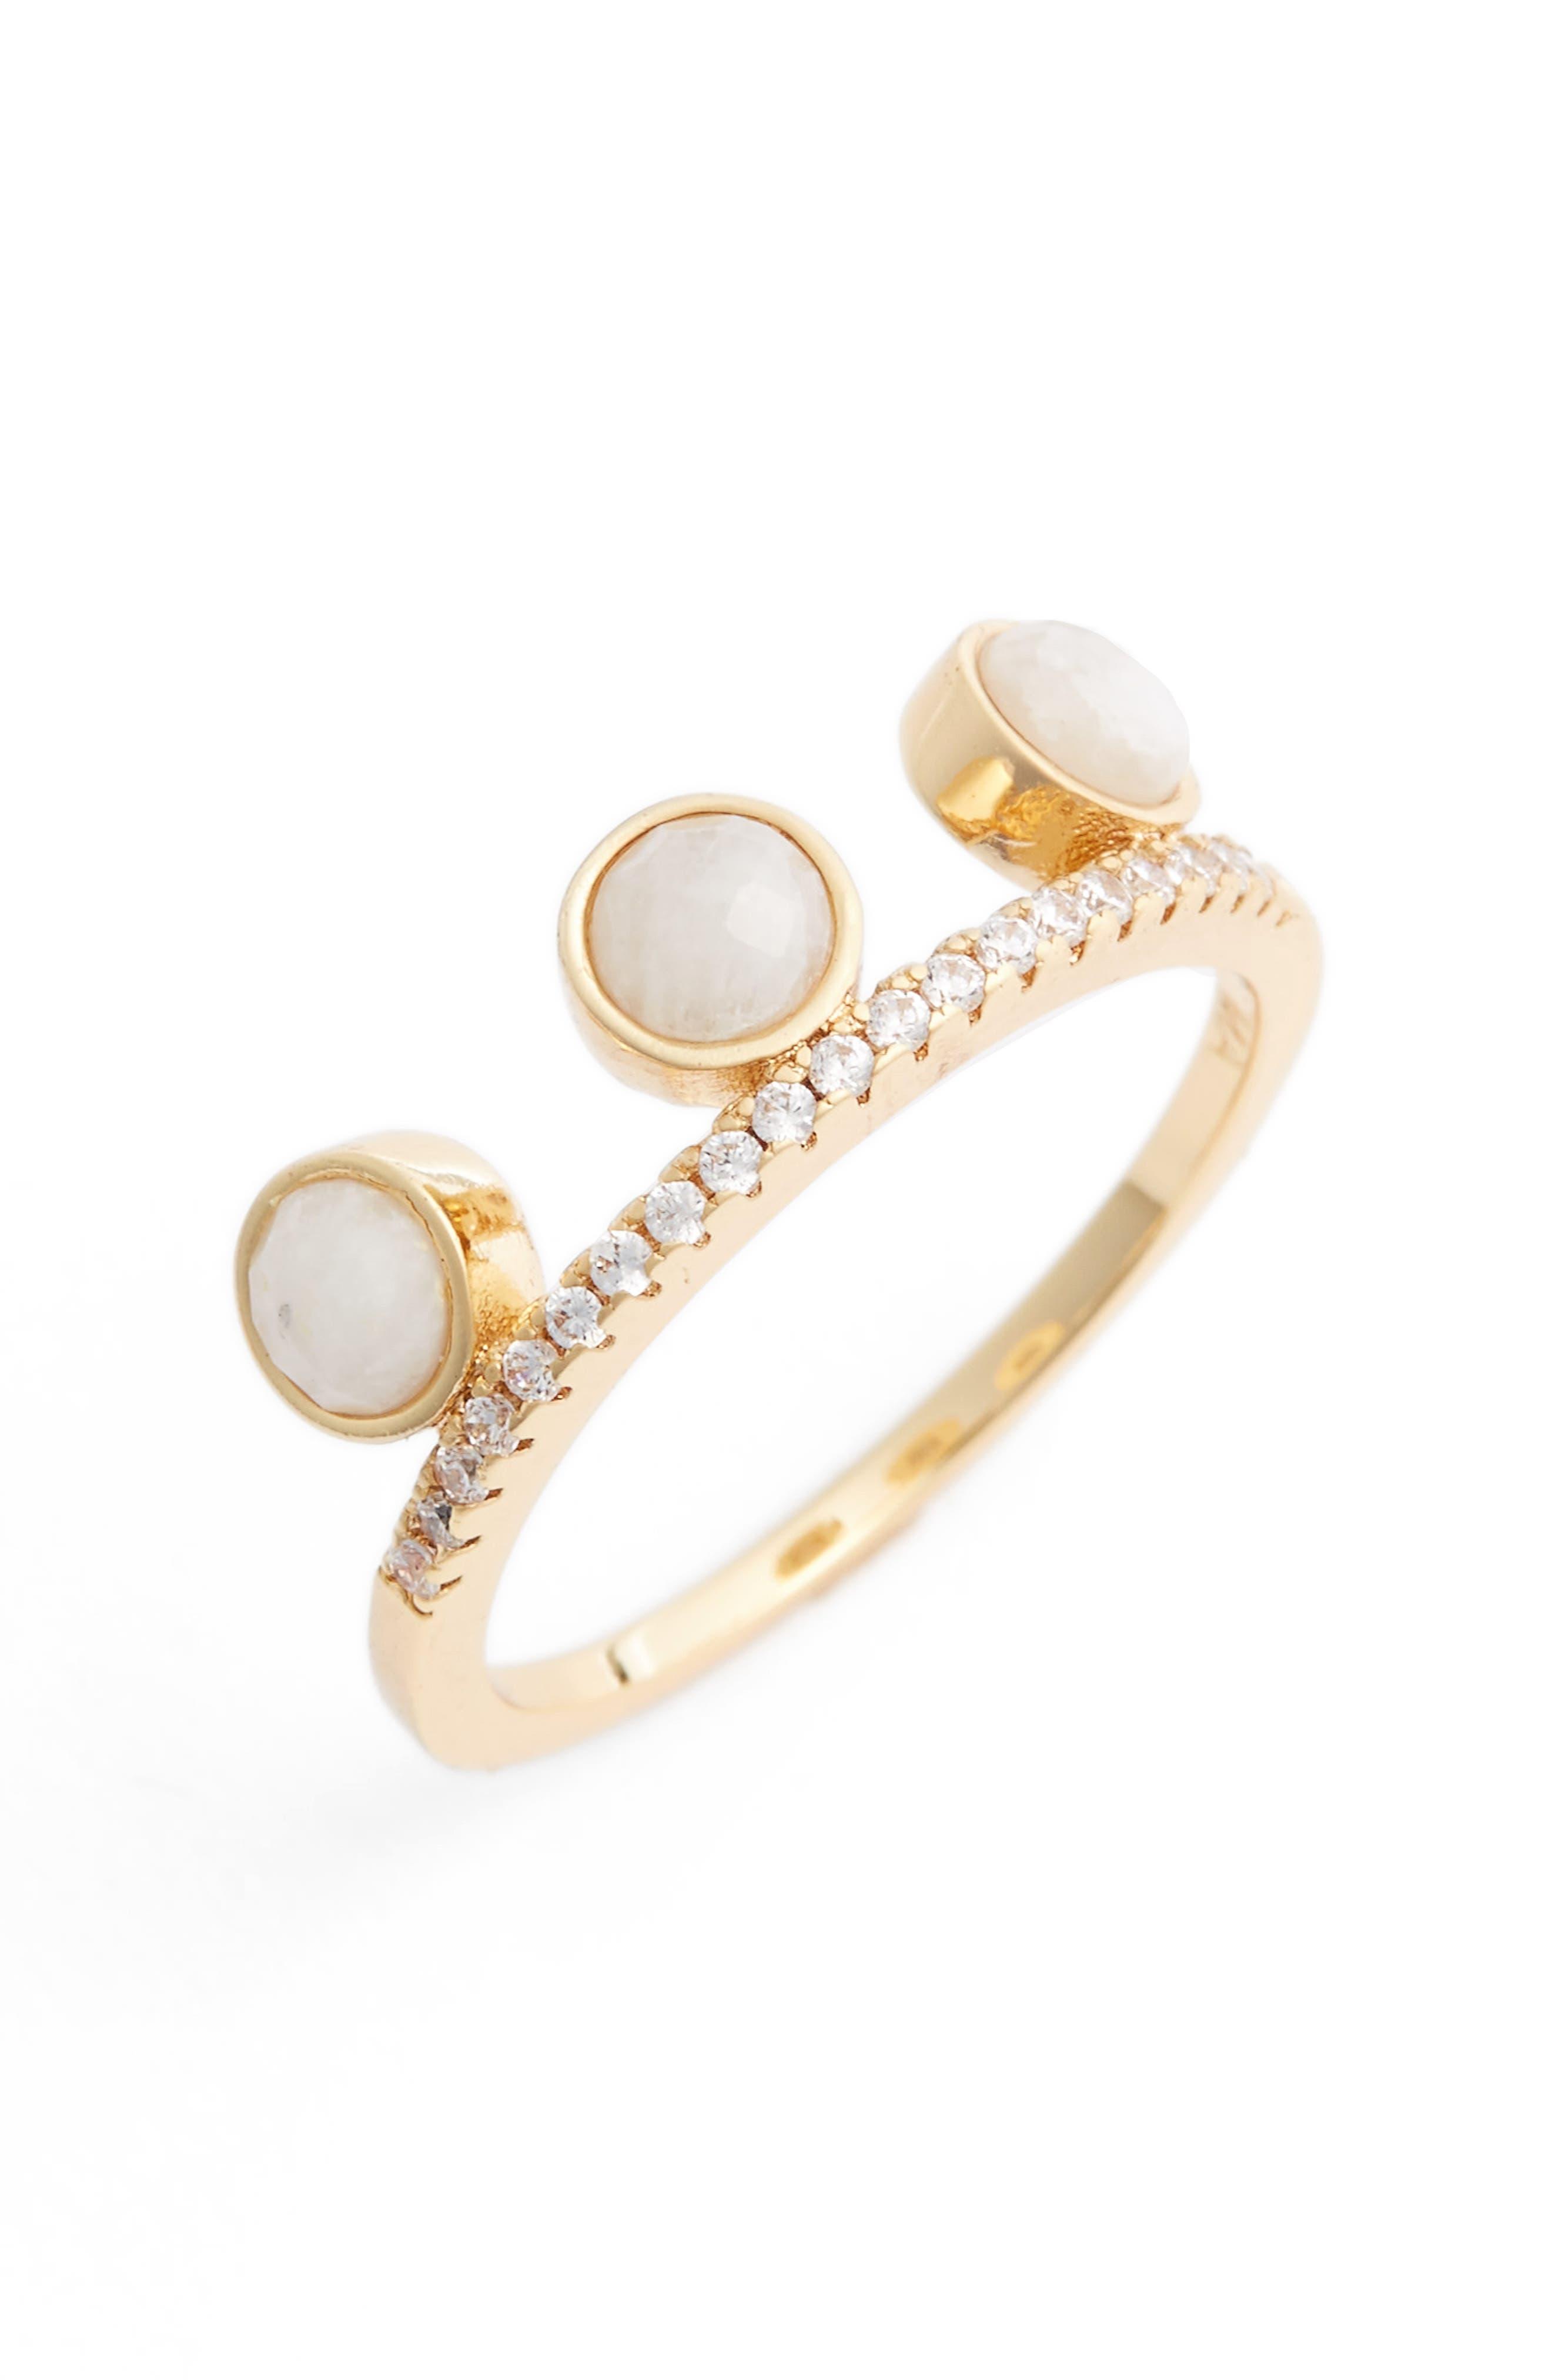 Circle Stacking Ring,                             Main thumbnail 1, color,                             Moonstone / Gold